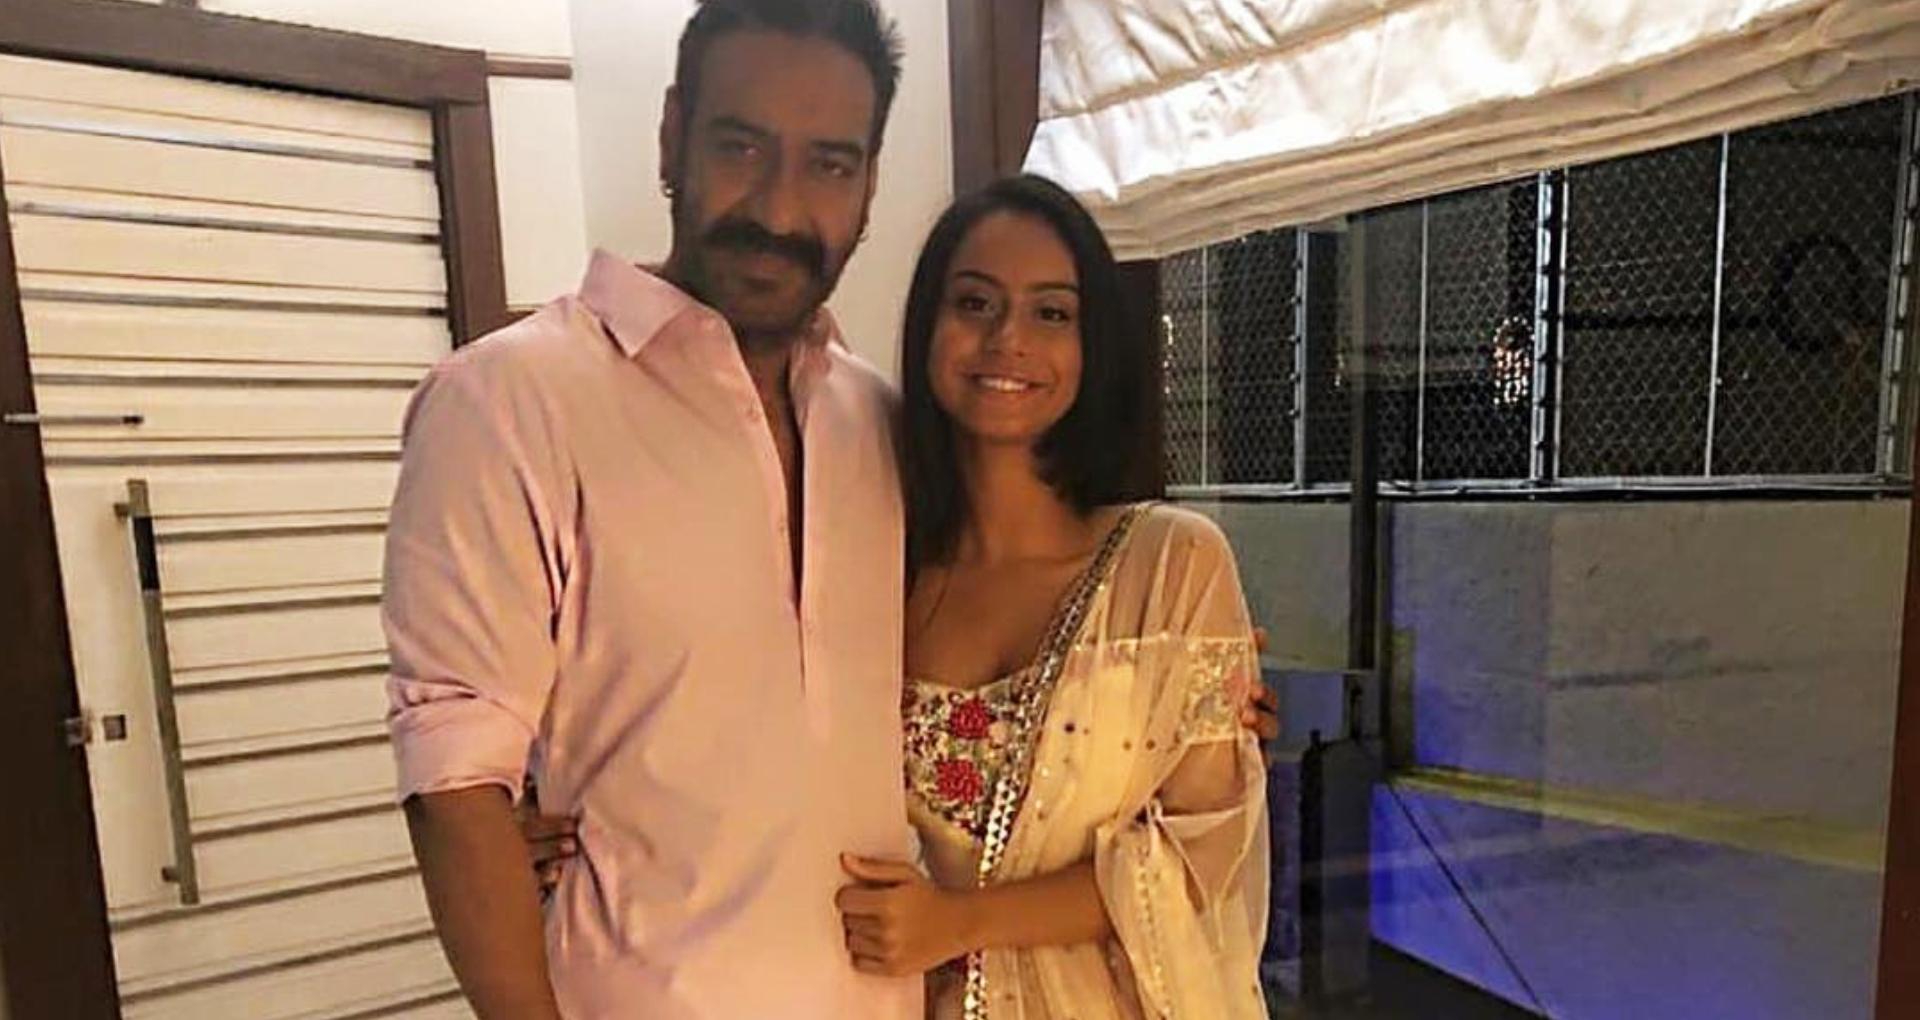 बेटी न्यासा के ट्रोल होने पर अजय देवगन ने दिया रिएक्शन, कहा- ऐसा करने वालों की सोच है बकवास